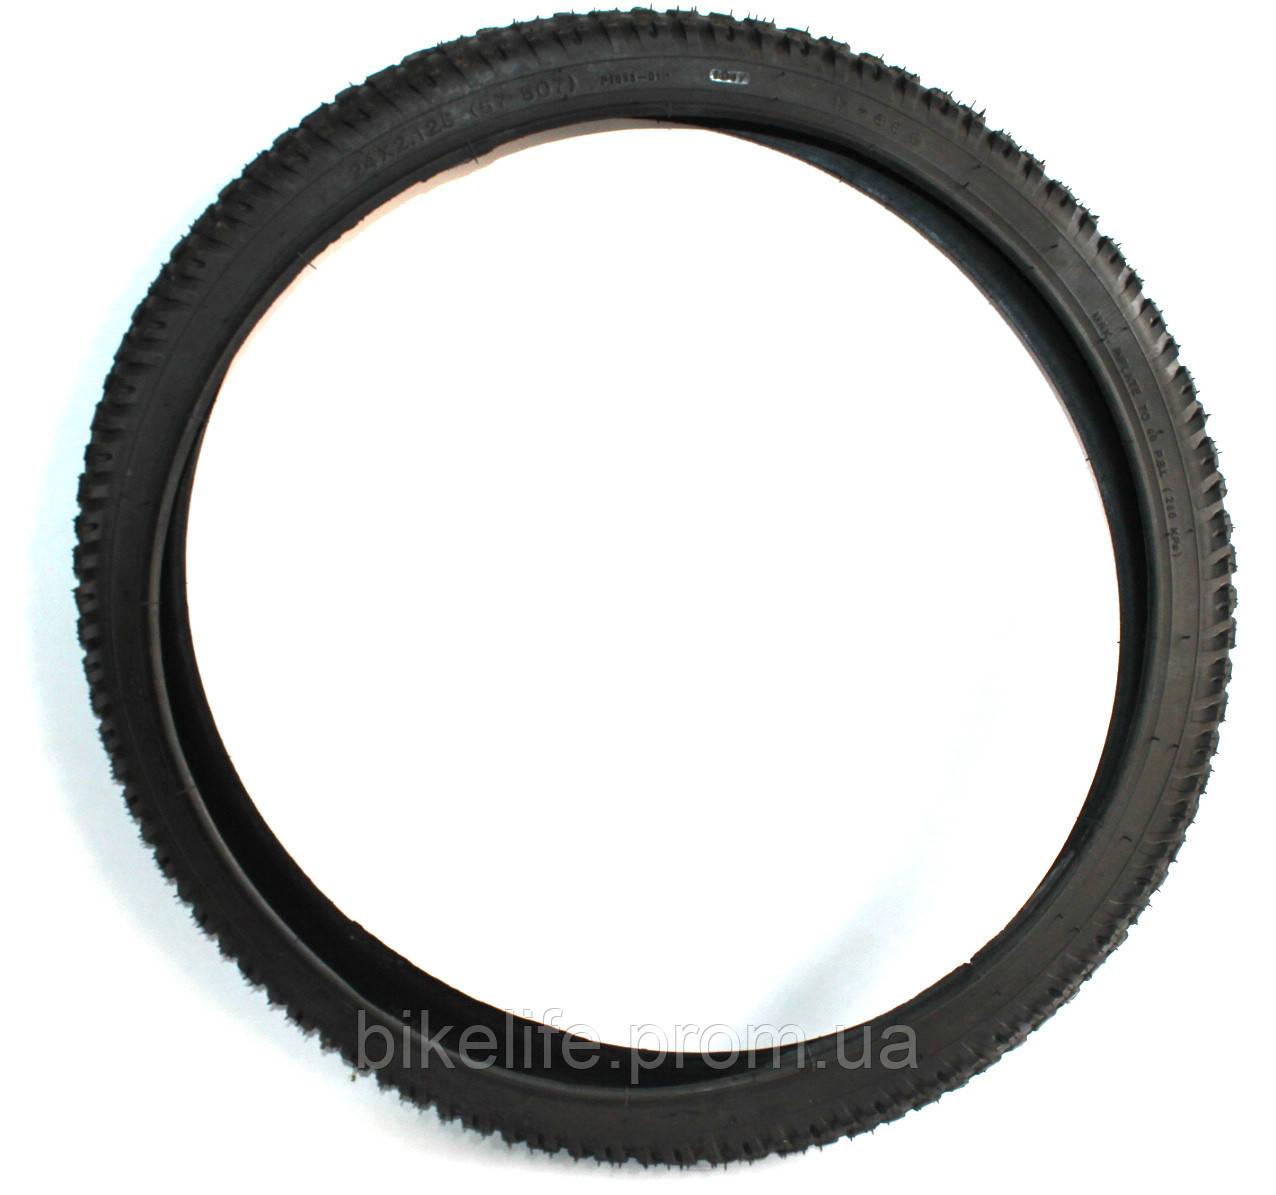 Вело-покрышка (шина) WANDA 24*2.125